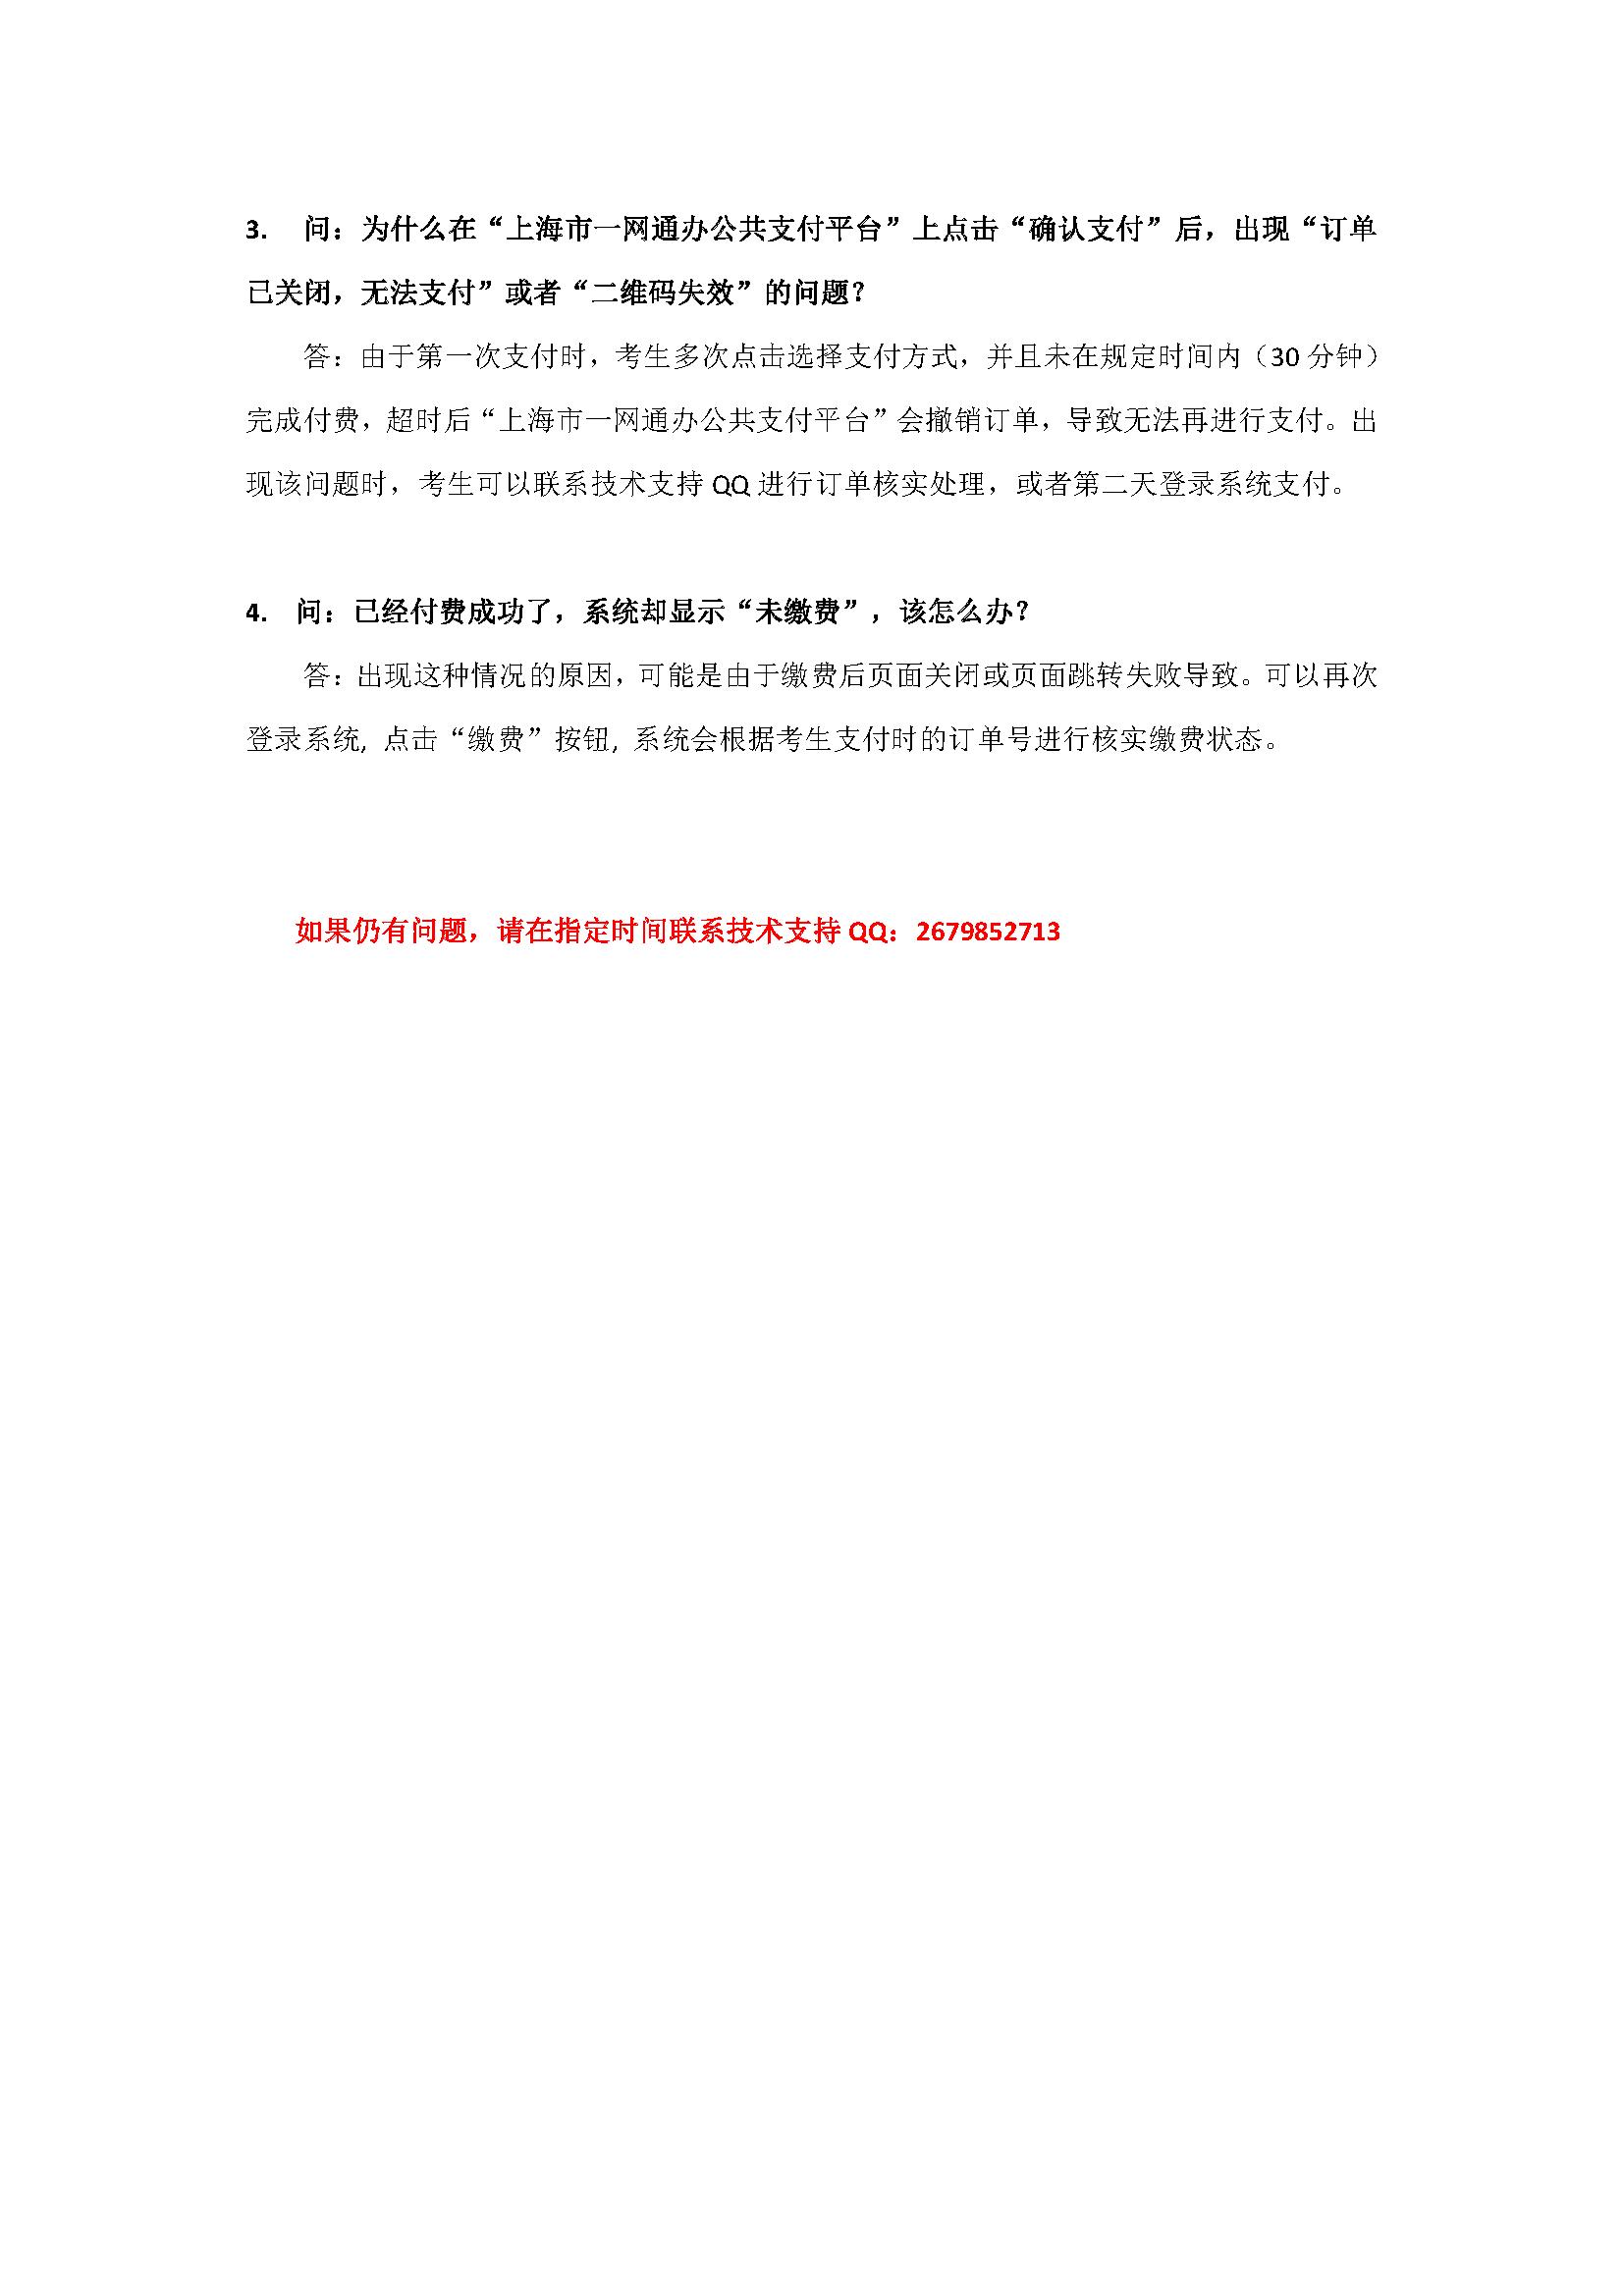 2020年上海市部分普通高校专科层次依法自主招生网上缴费操作指南_页面_10.png